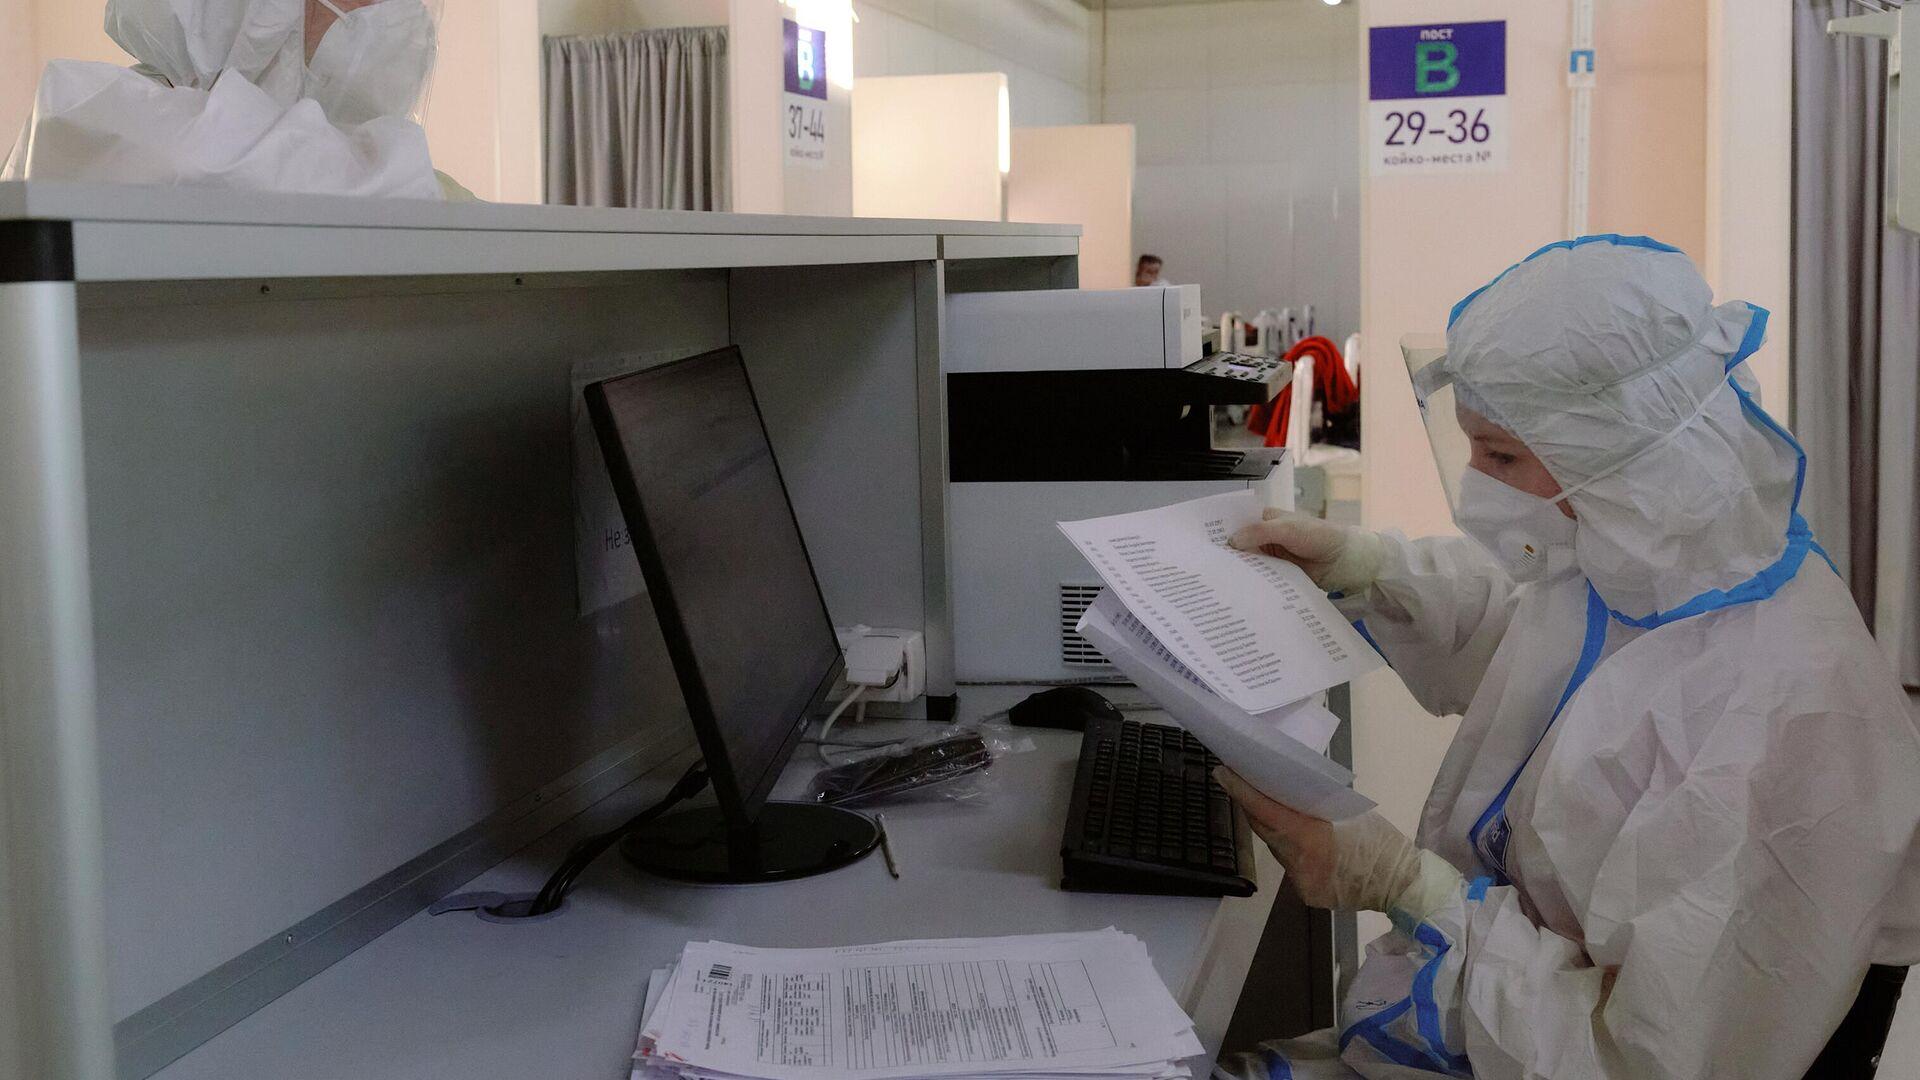 Работа временного госпиталя для больных коронавирусом в Ленэкспо - Sputnik Тоҷикистон, 1920, 08.10.2021